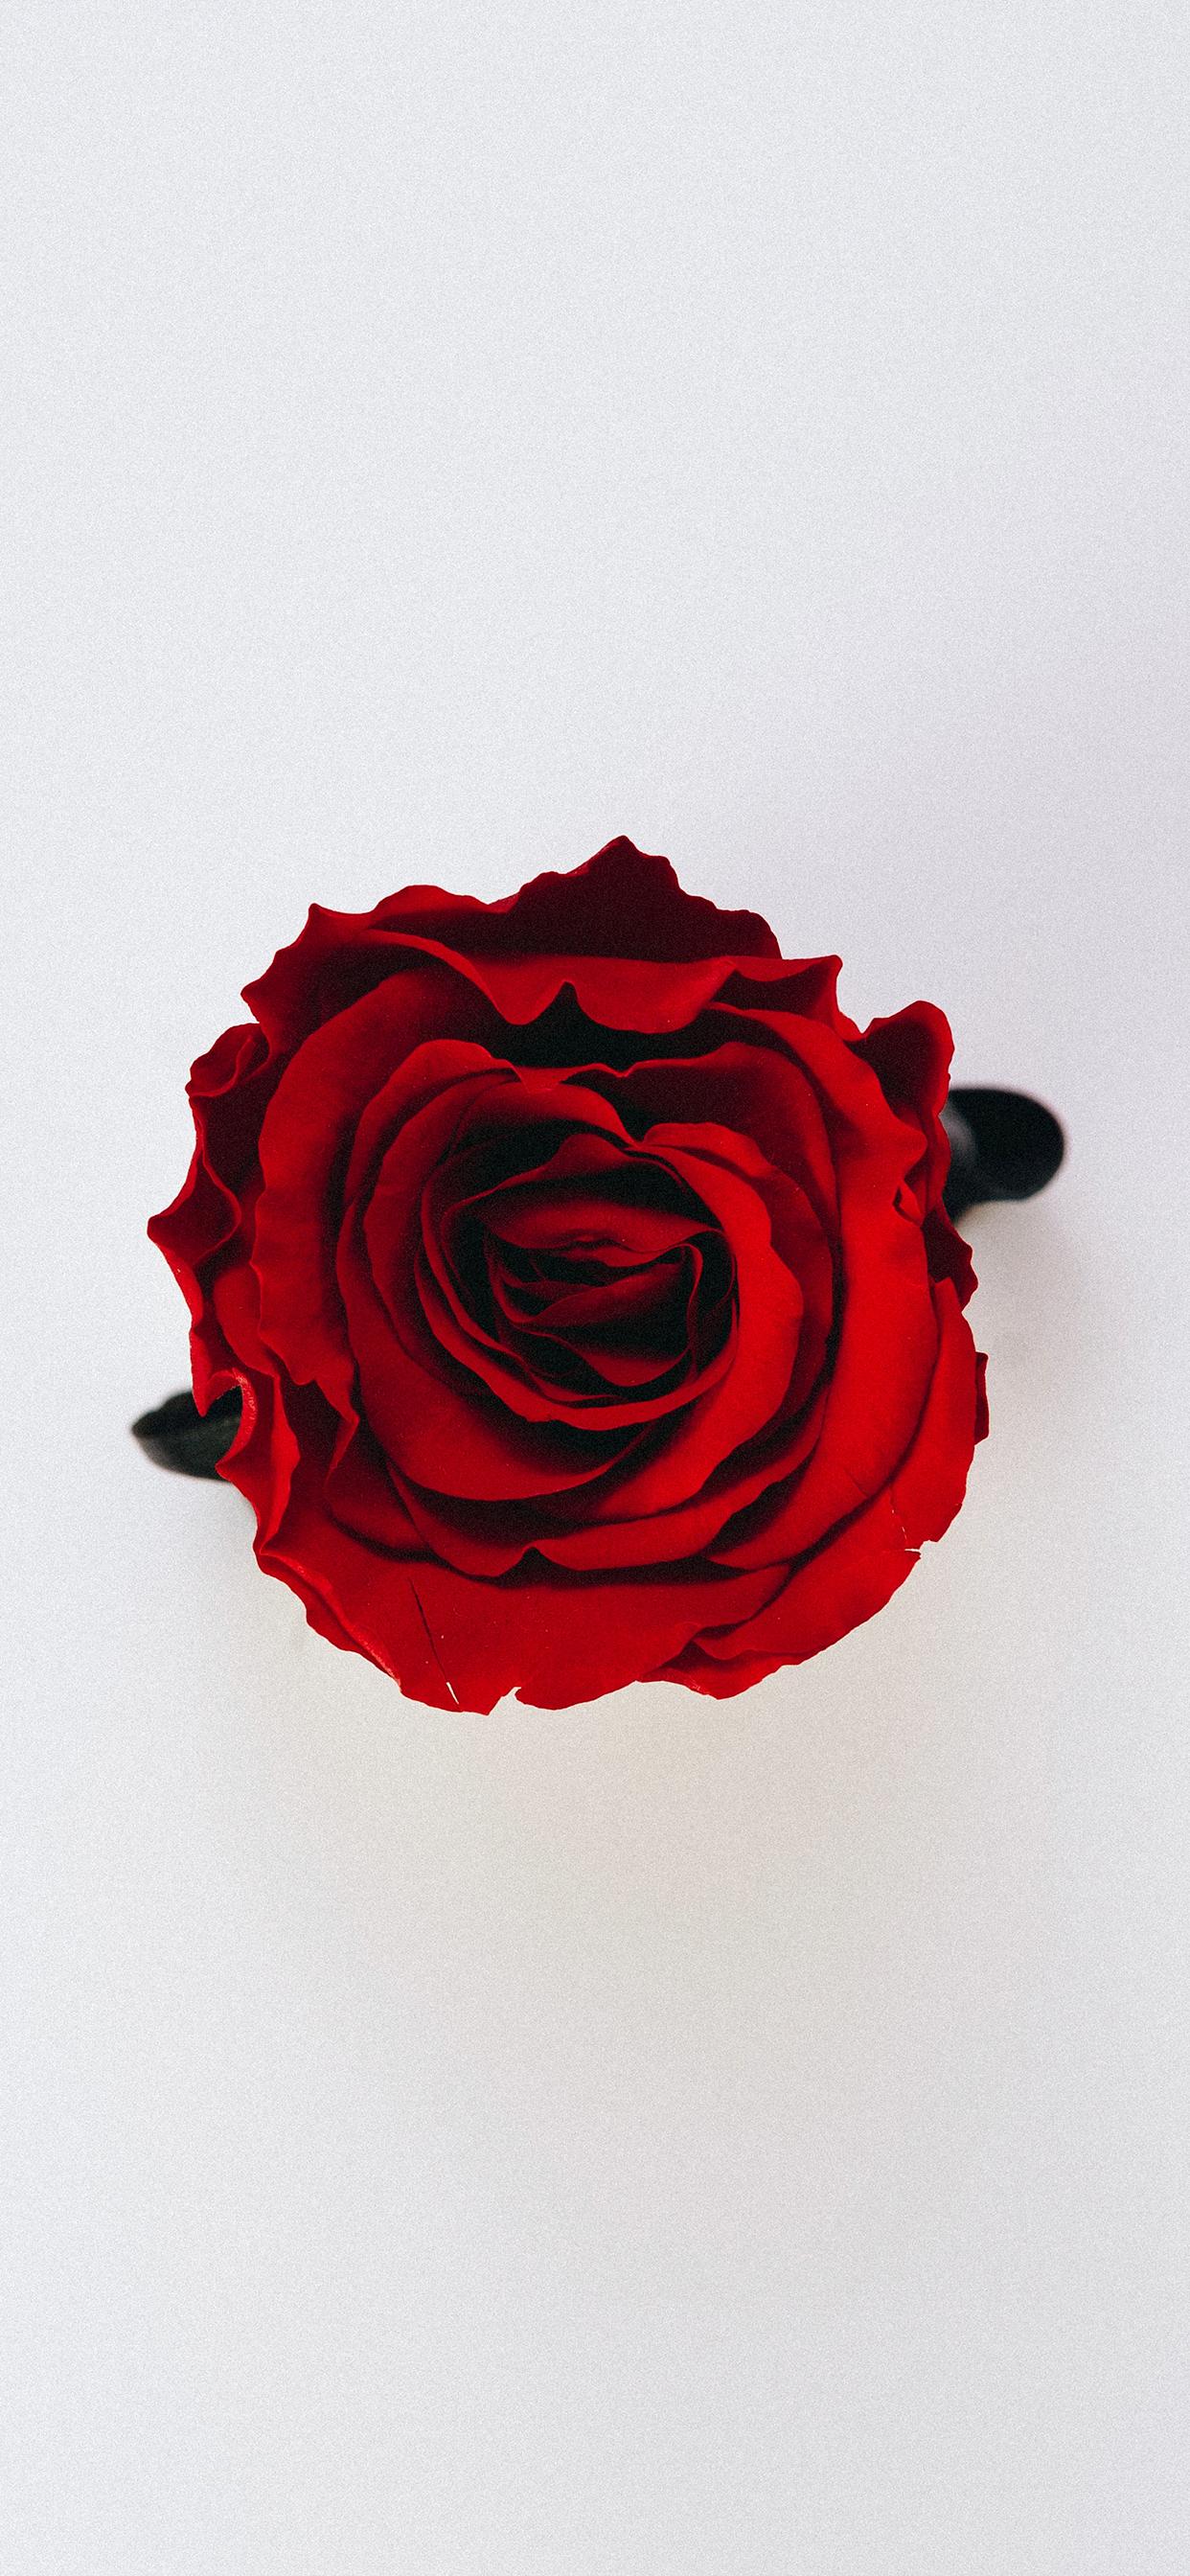 iPhone wallpaper rose red Rose